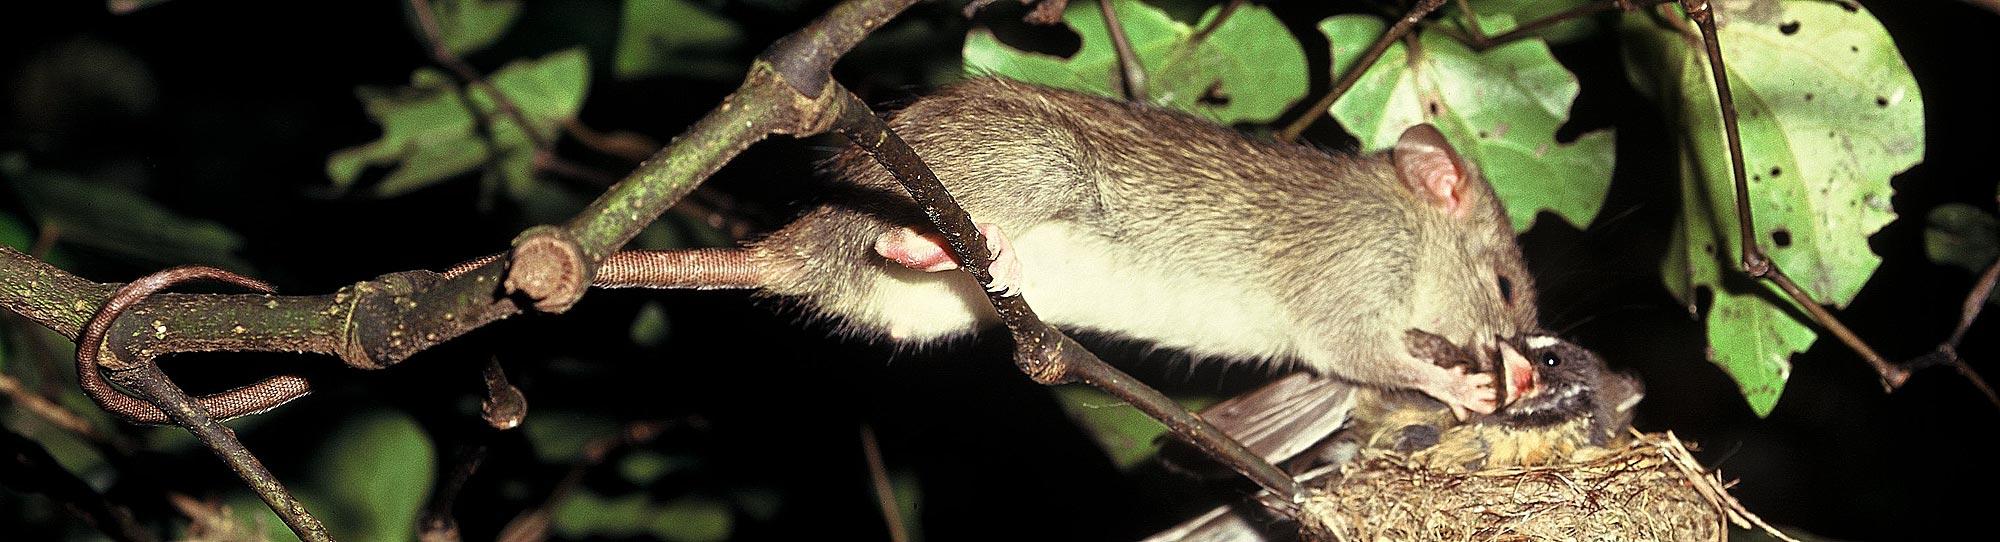 Rat eating native bird in New Zealand